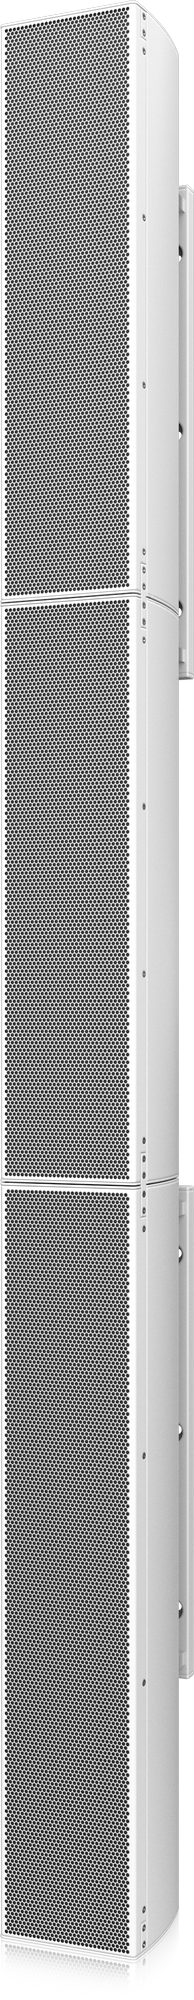 Tannoy  QFLEX 40-WP - Install Speaker